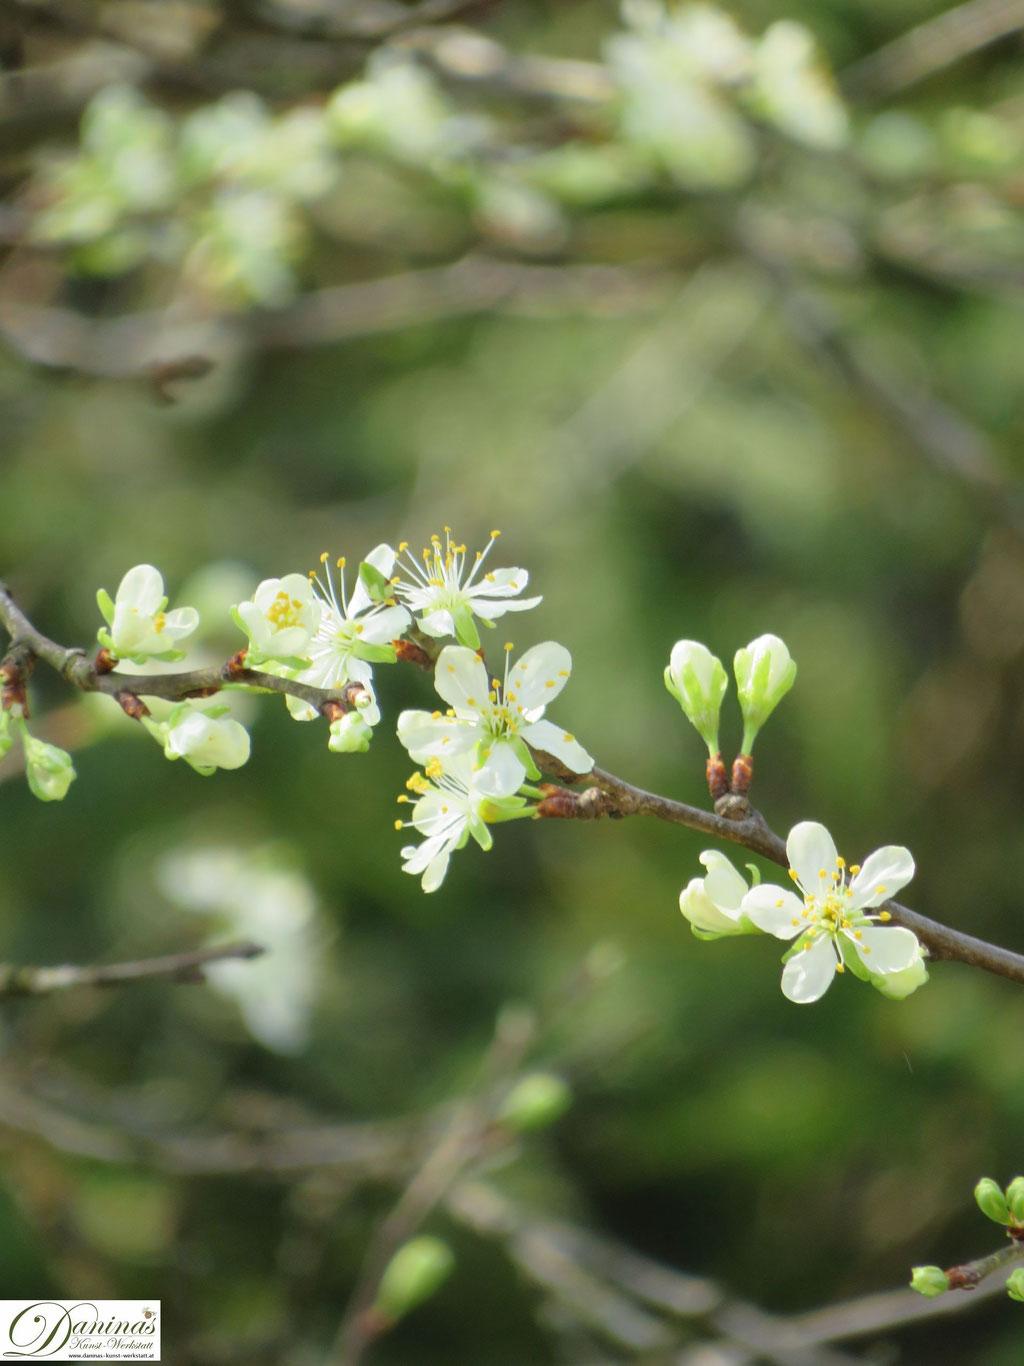 Pflaumenbaum (Zwetschkenbaum) - Blüten im Frühling